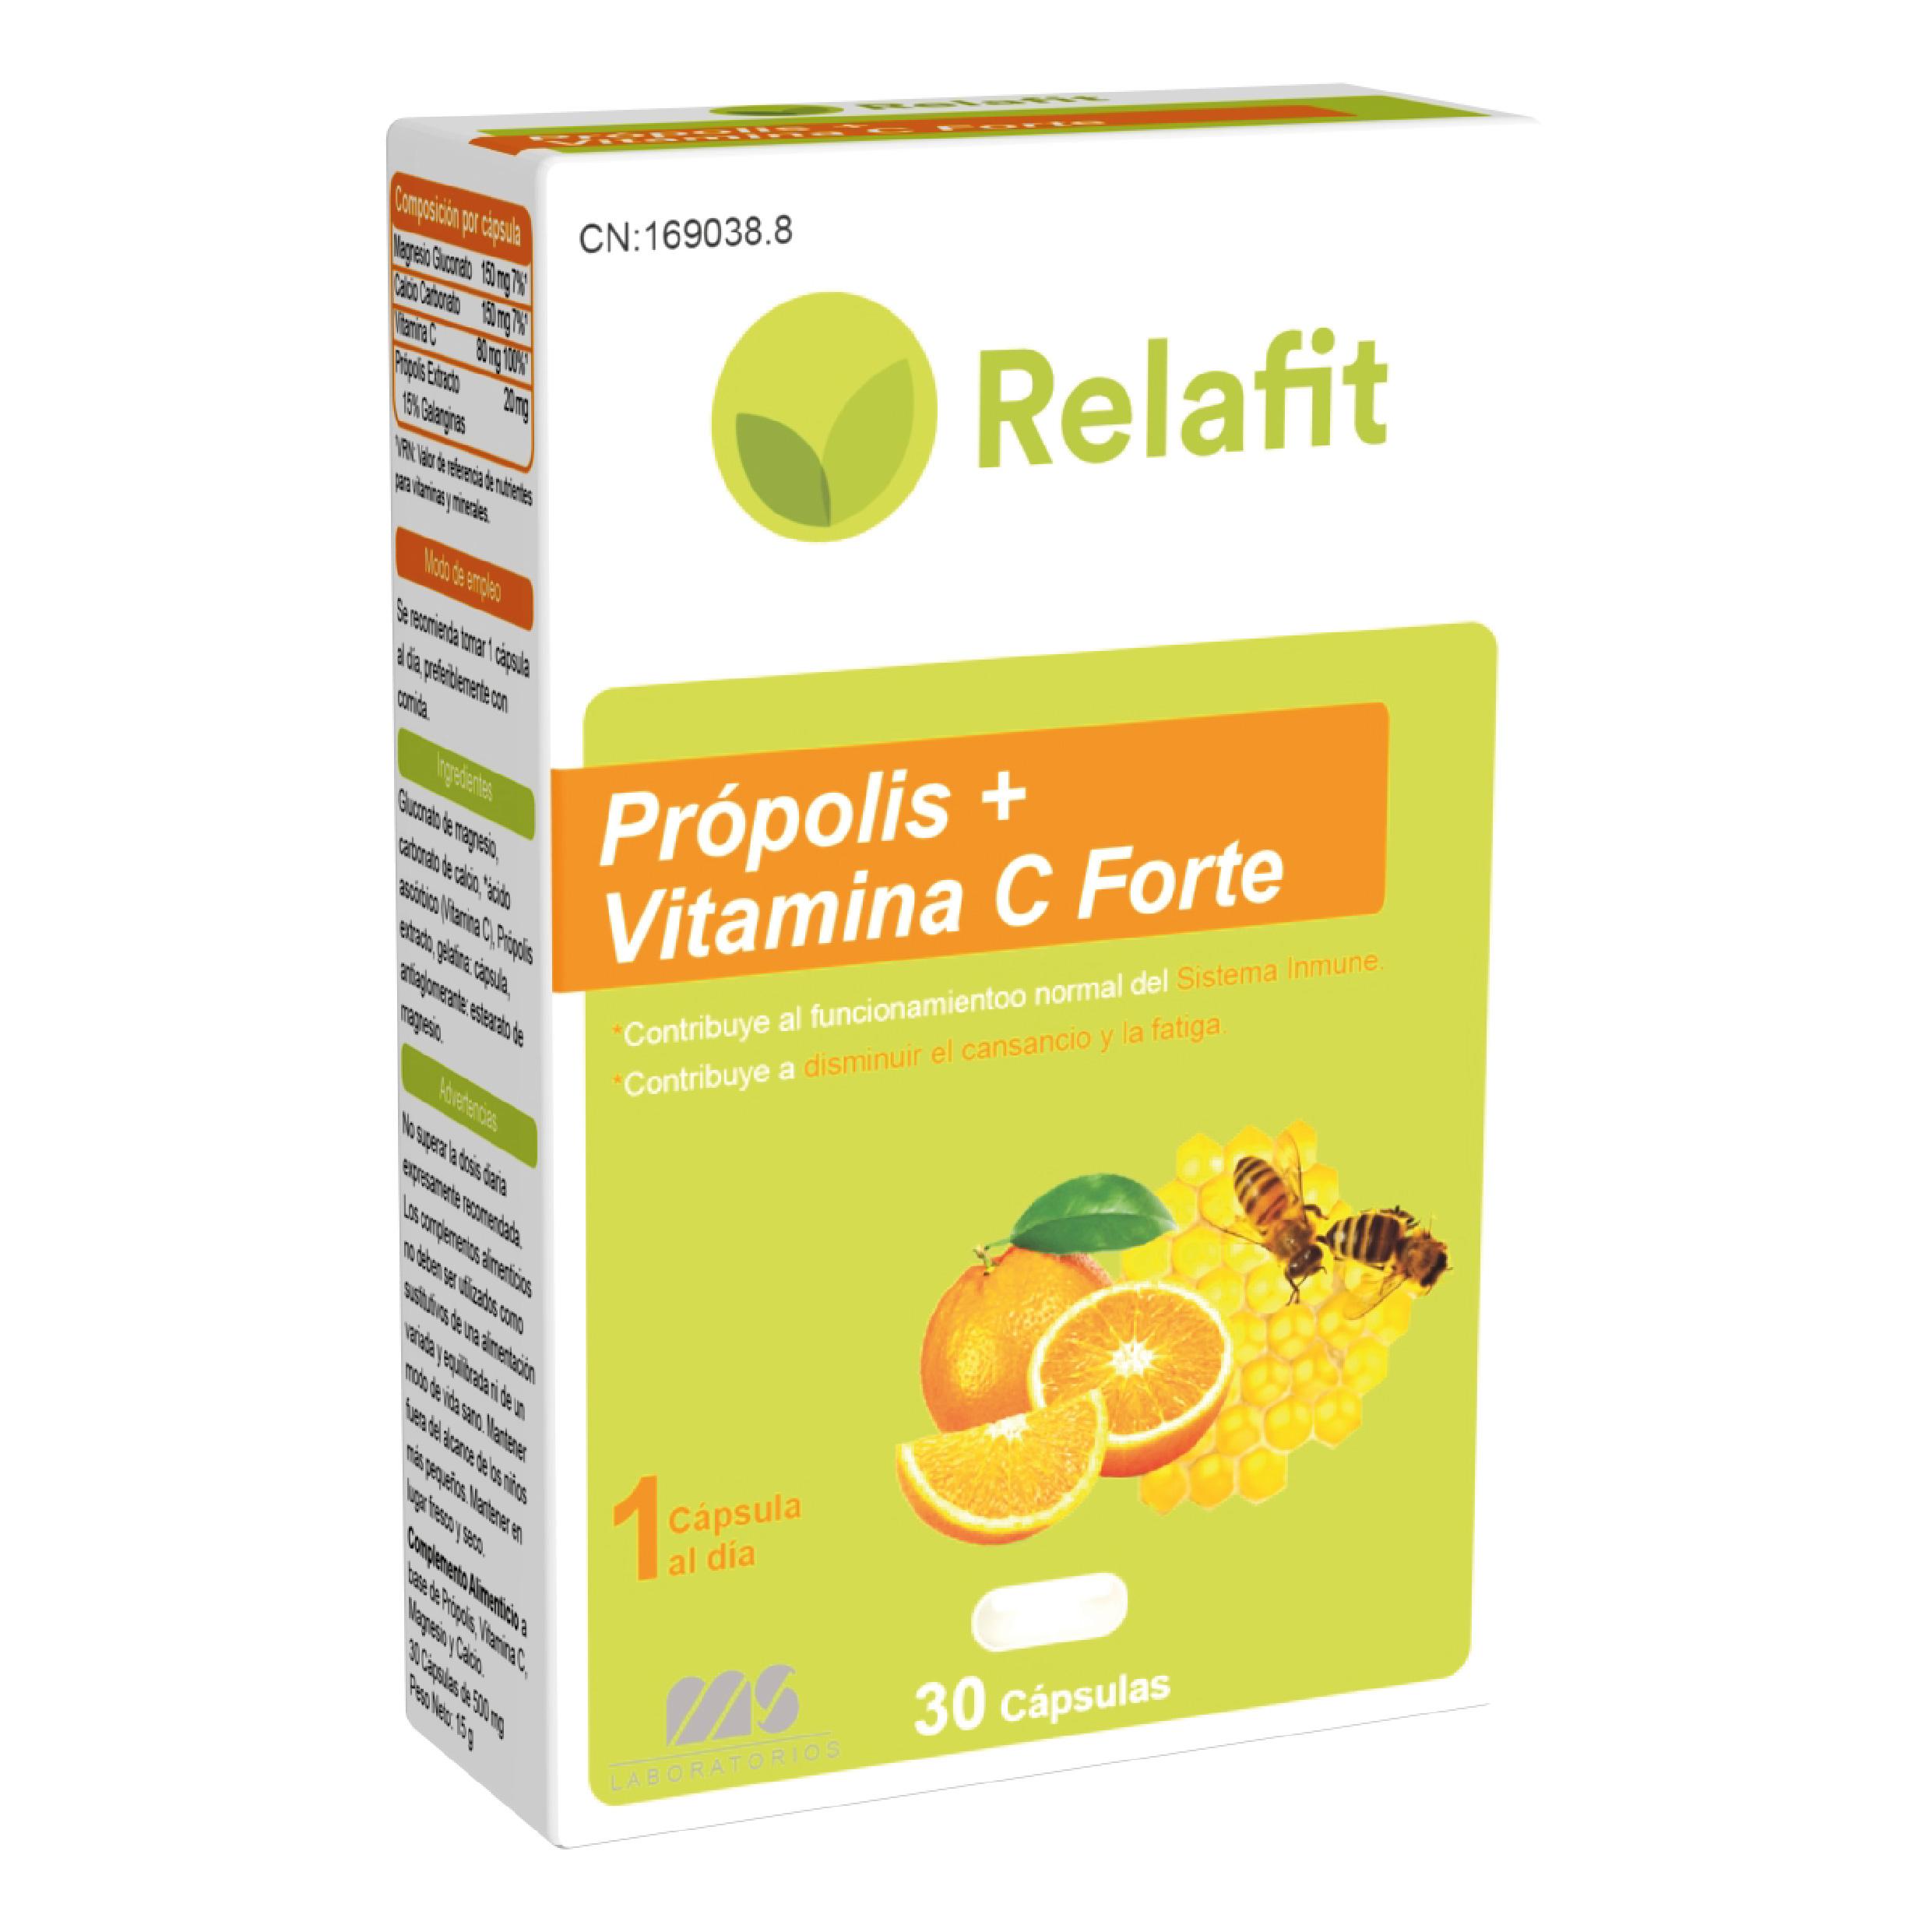 Propolis+ Vitamina C